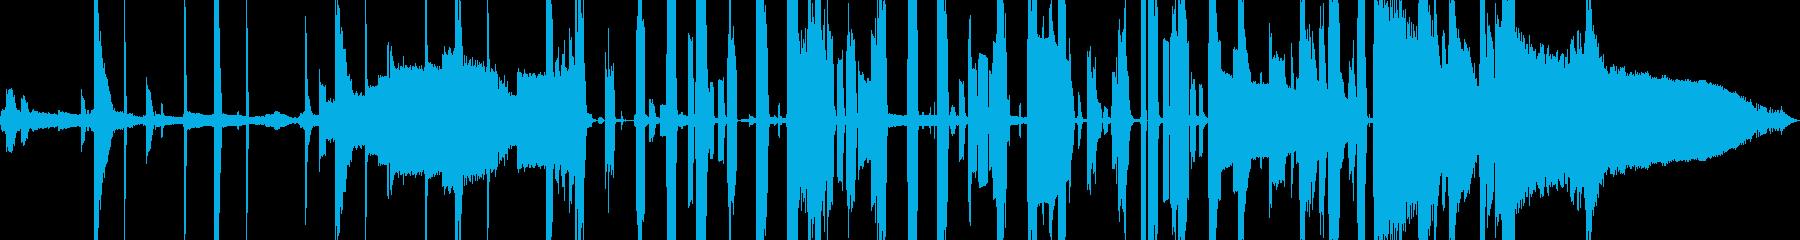 サラサラ ジャズ R&B おしゃれ...の再生済みの波形